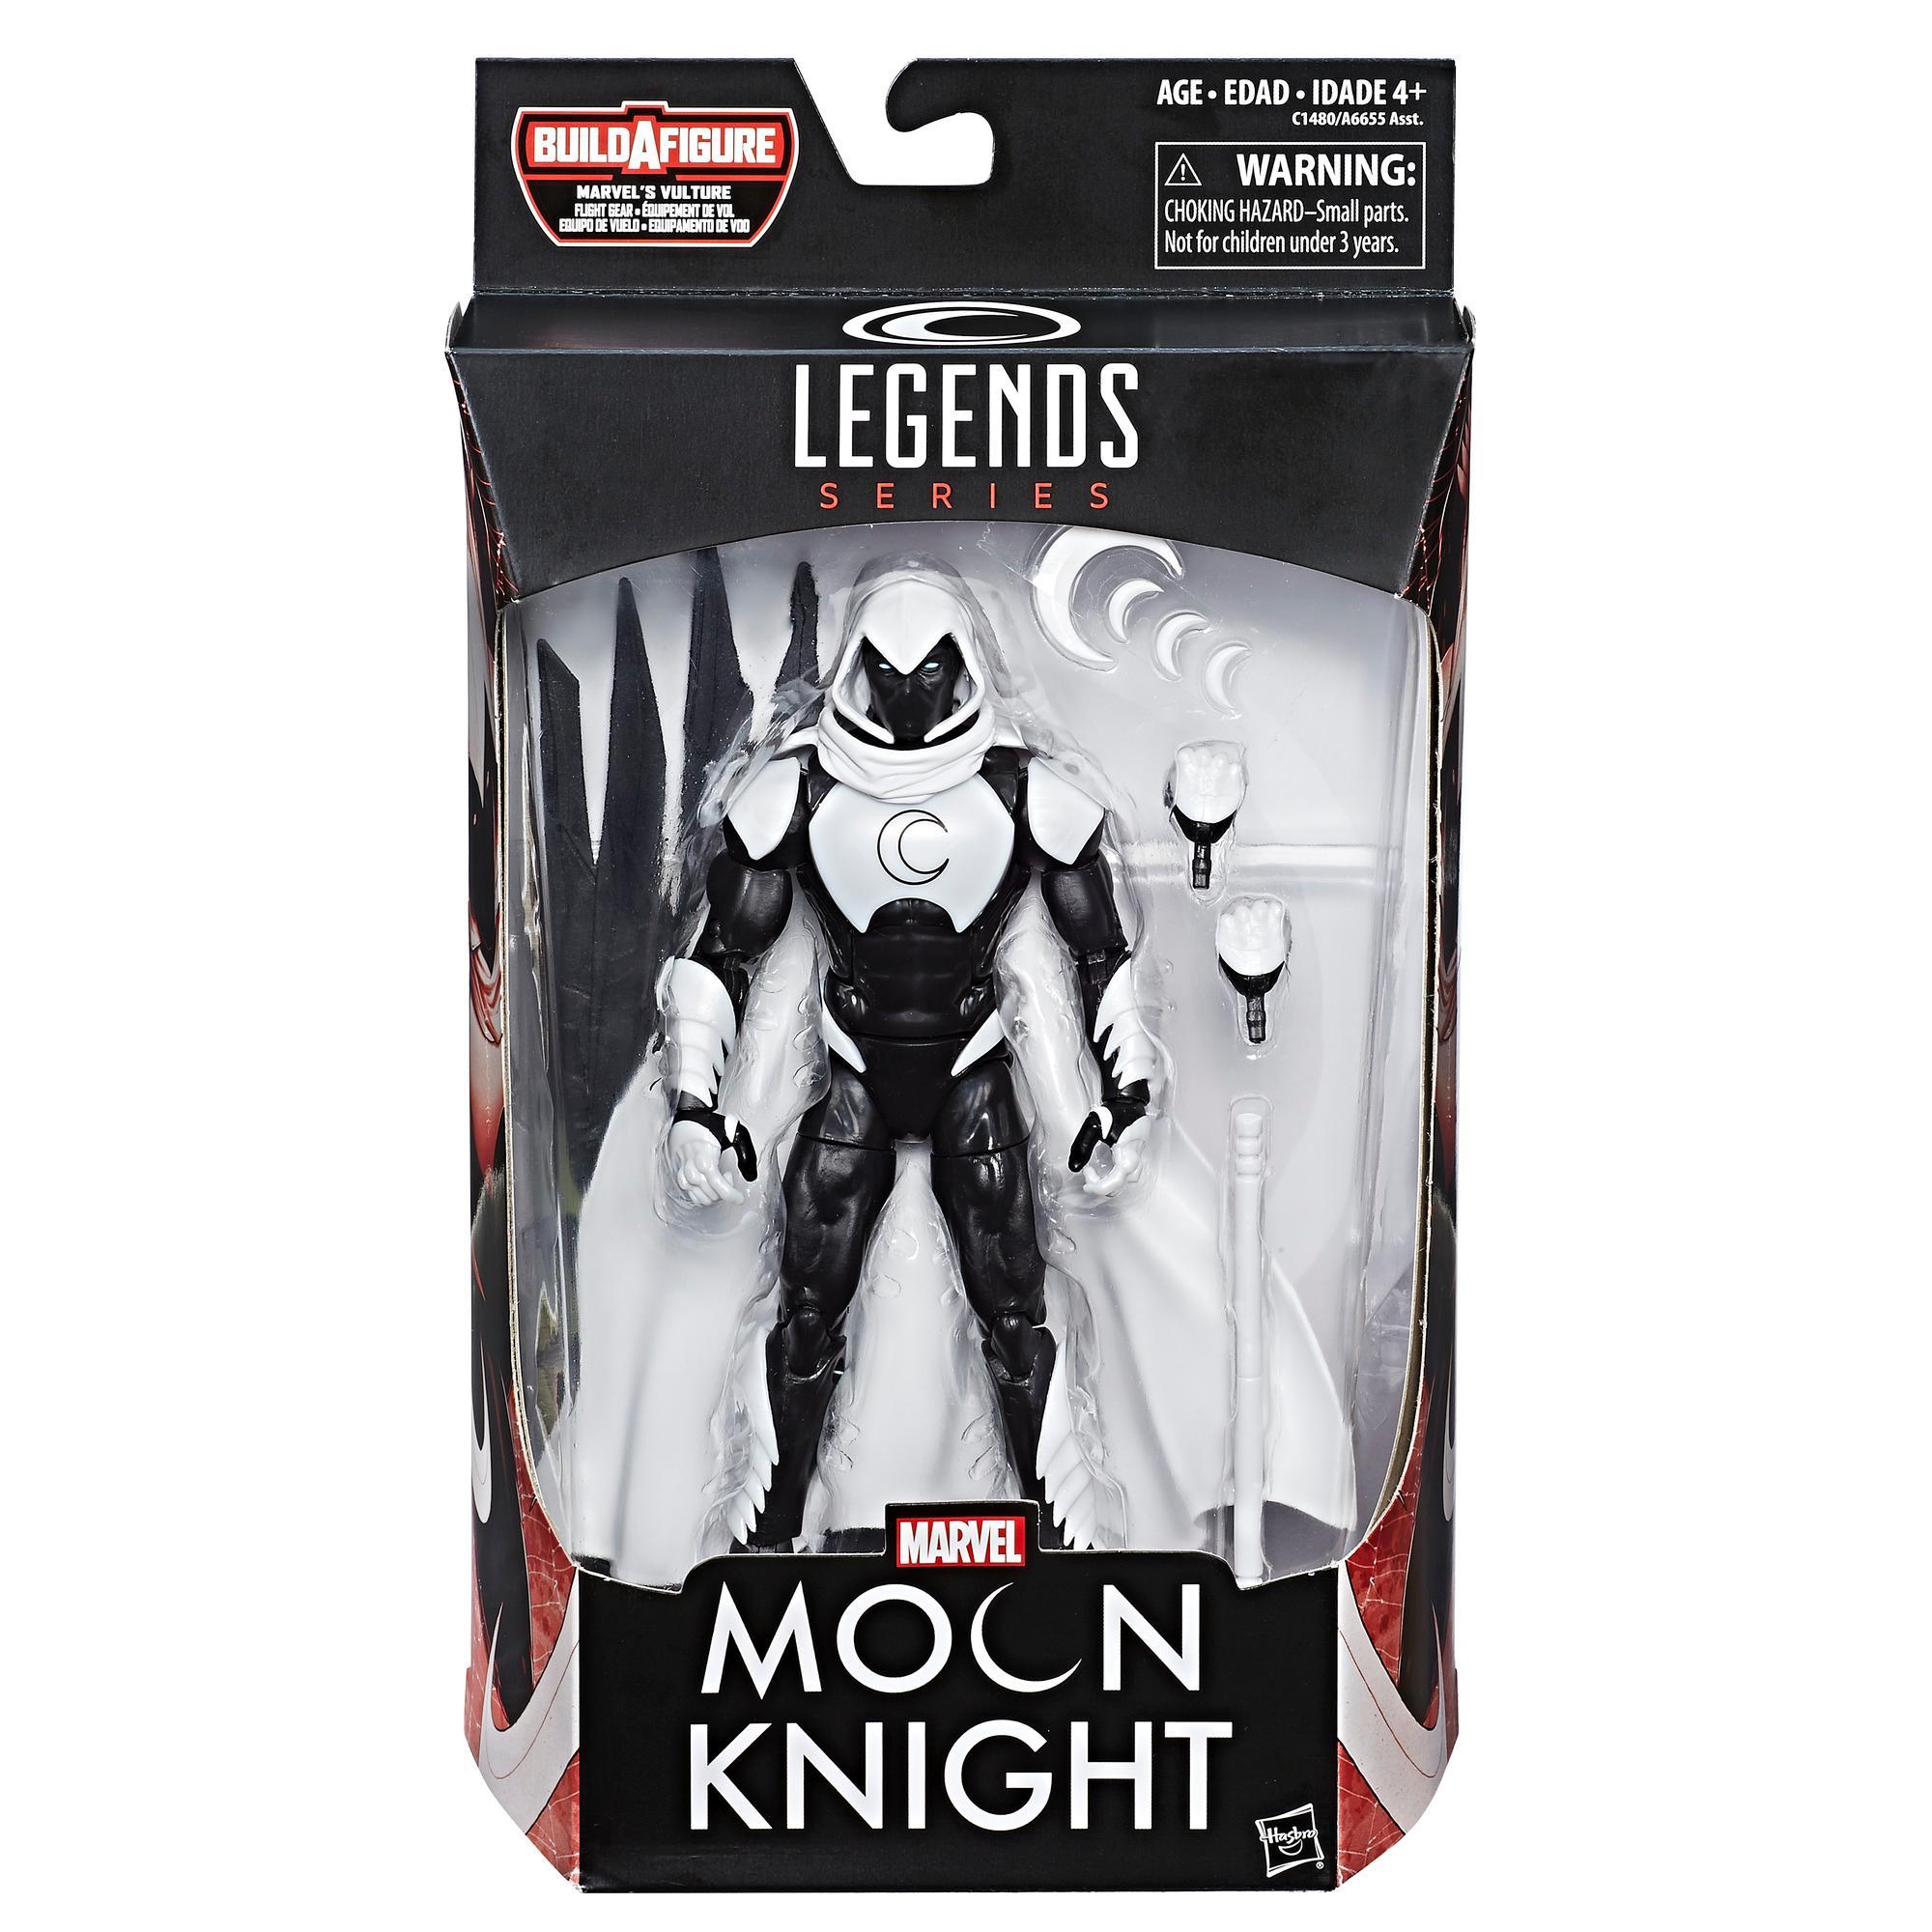 SPIDERMAN LEGEND MOON KNIGHT